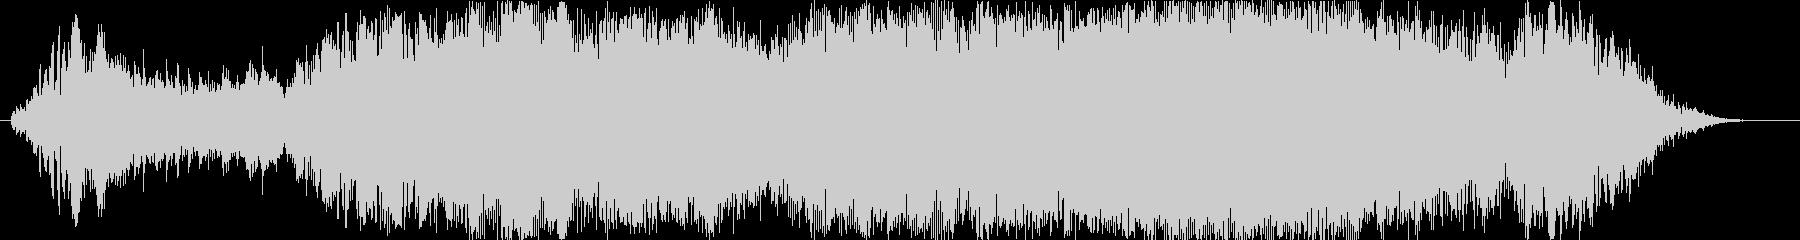 ハープによるショートジングルの未再生の波形